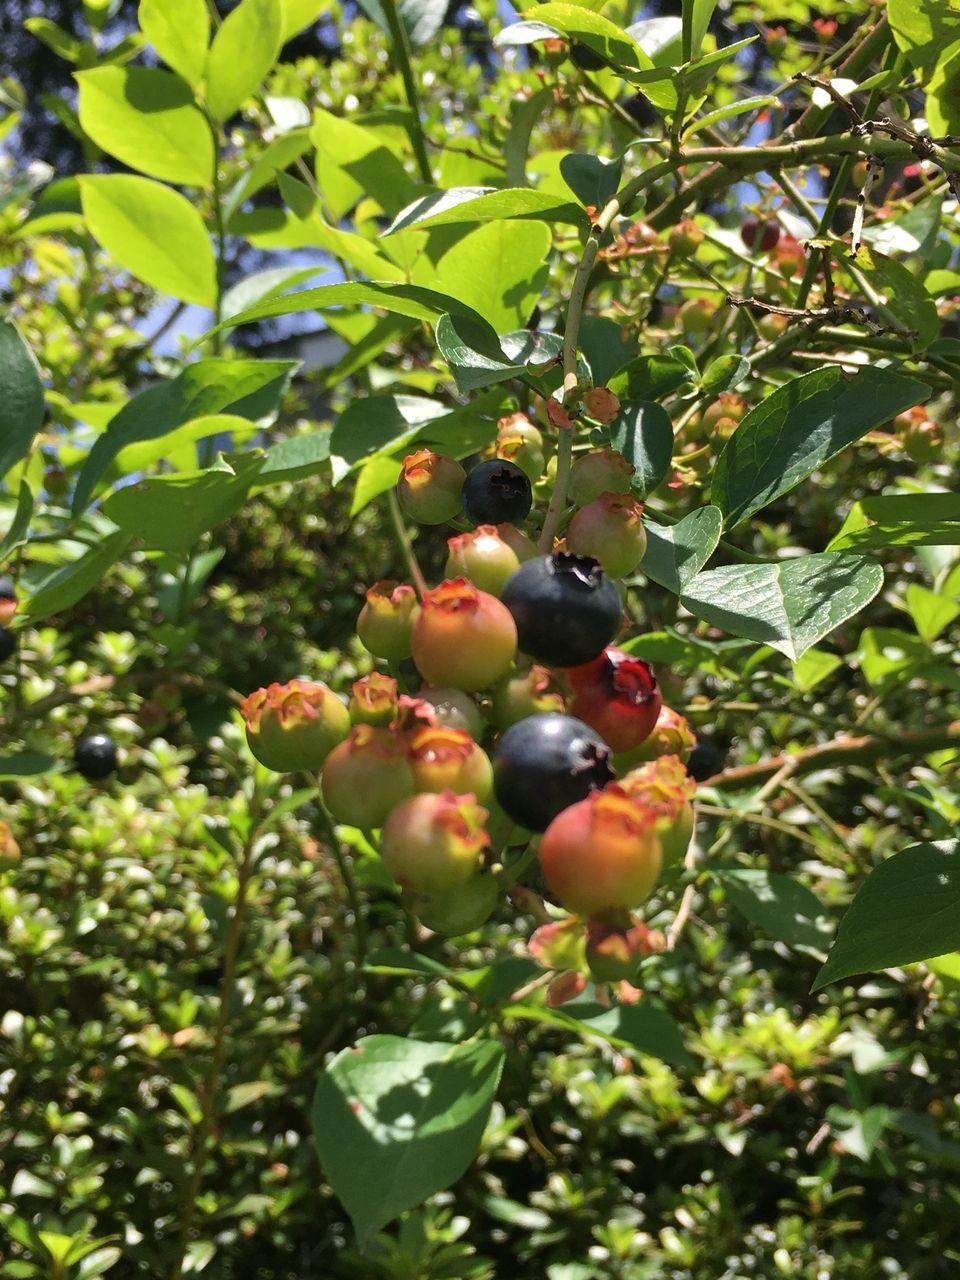 南阿蘇のブルーベリーの実かなり熟れてきました。